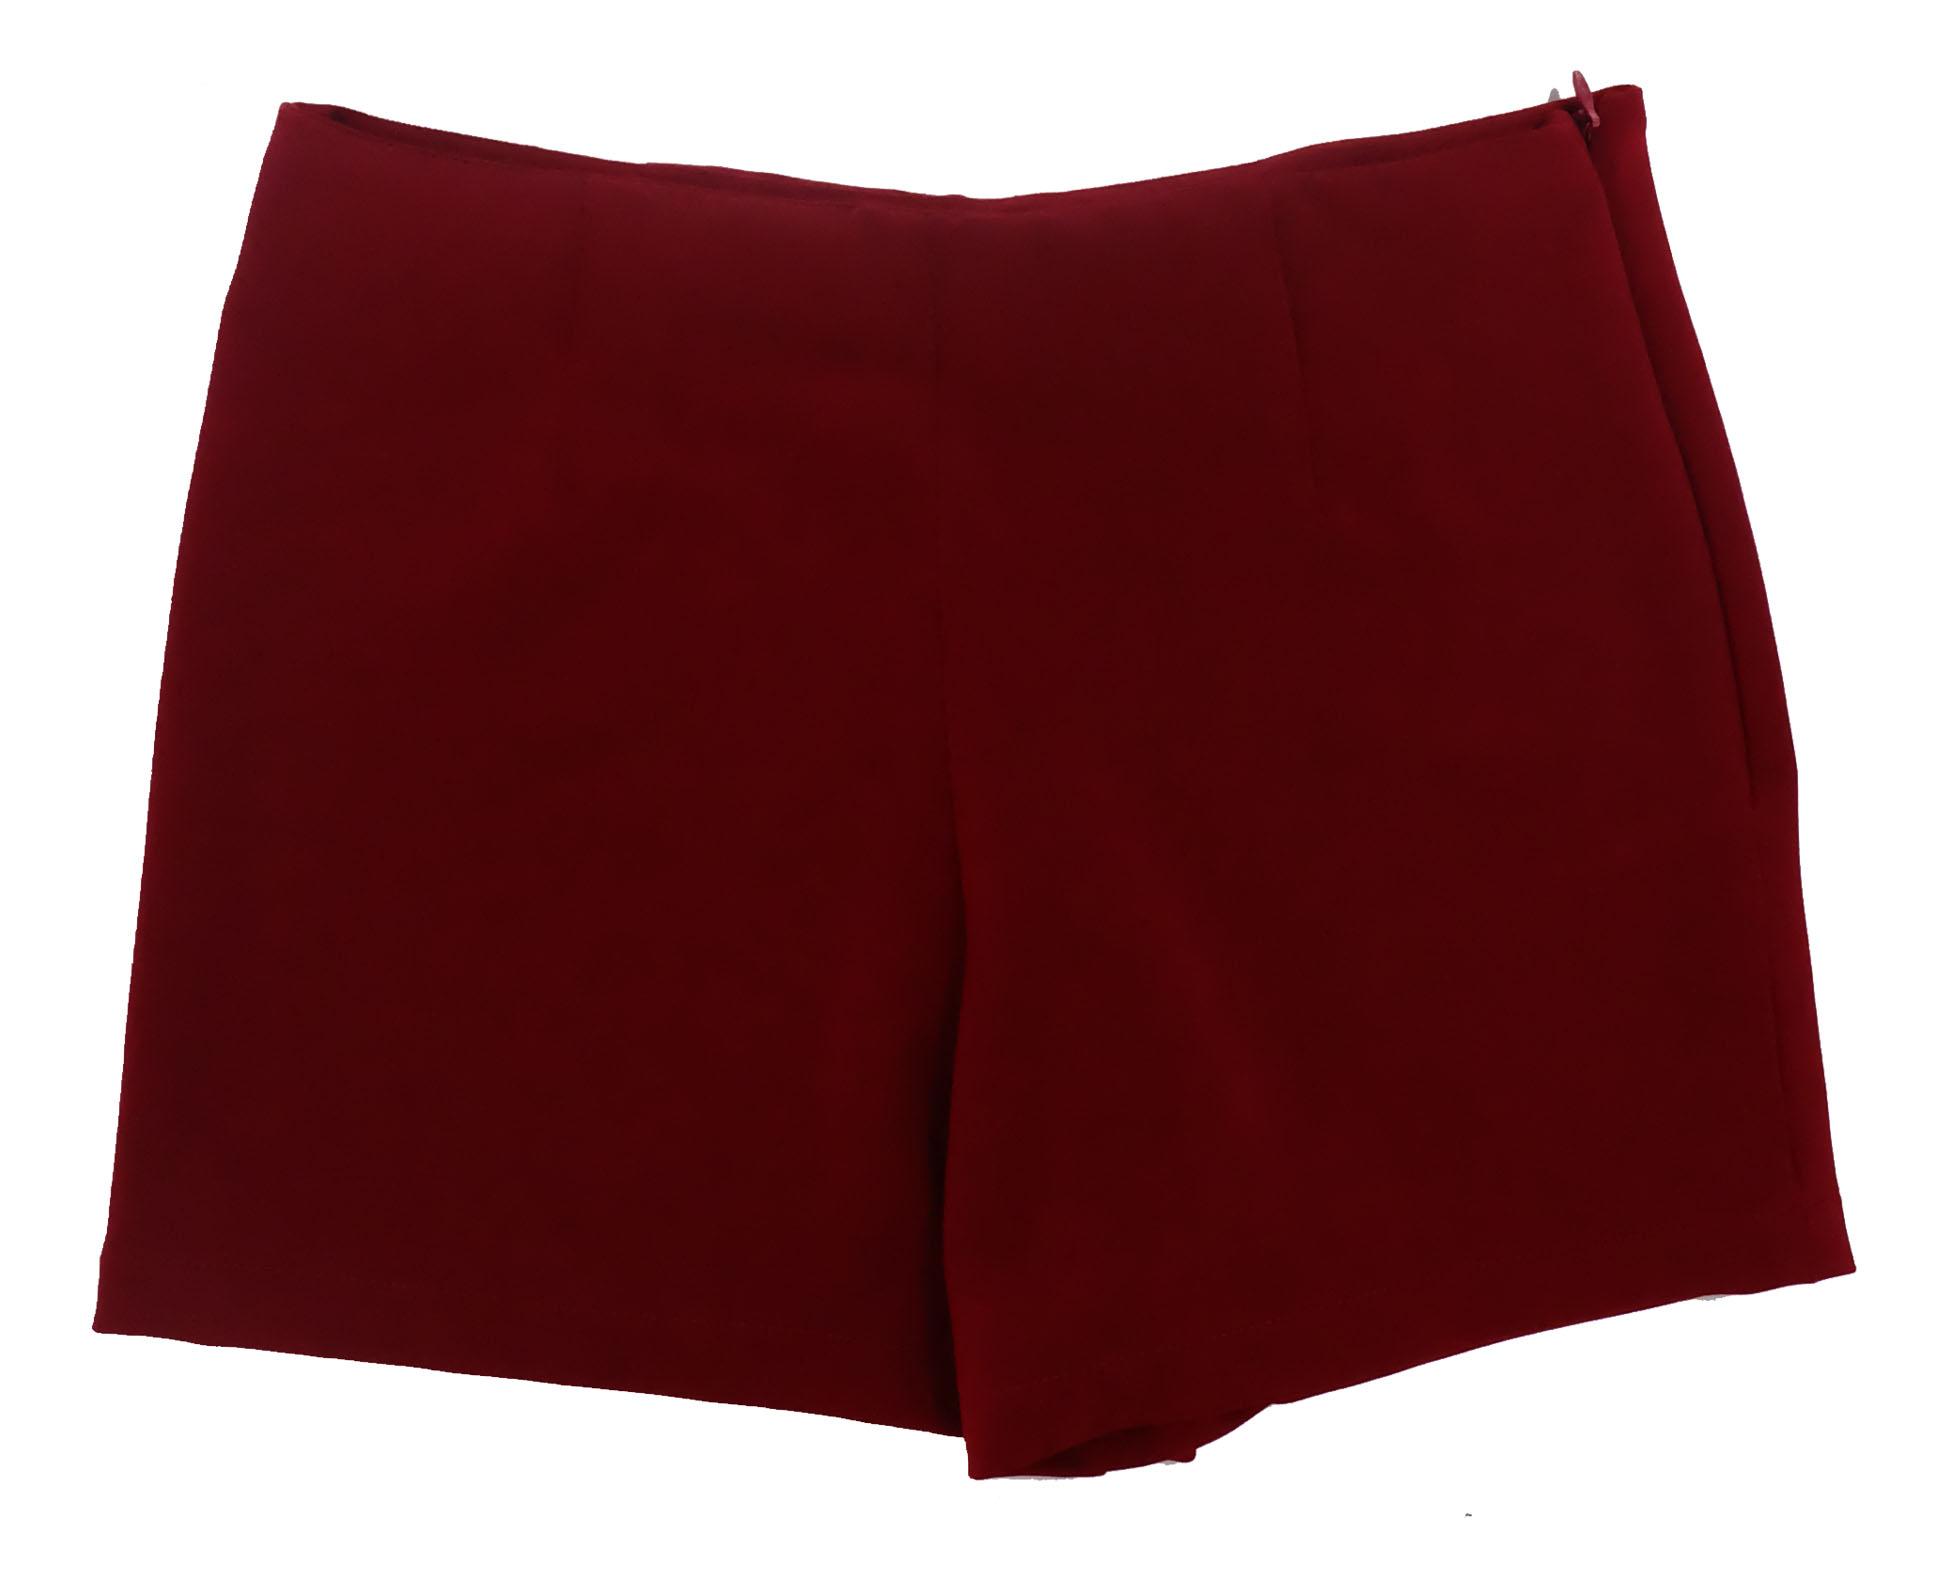 กางเกงขาสั้นเอวสูงขอบเรียบผ้าฮานาโกะ ซิปซ้าย กระเป๋าขวา สีเลือดหมู Size 2XL 3XL